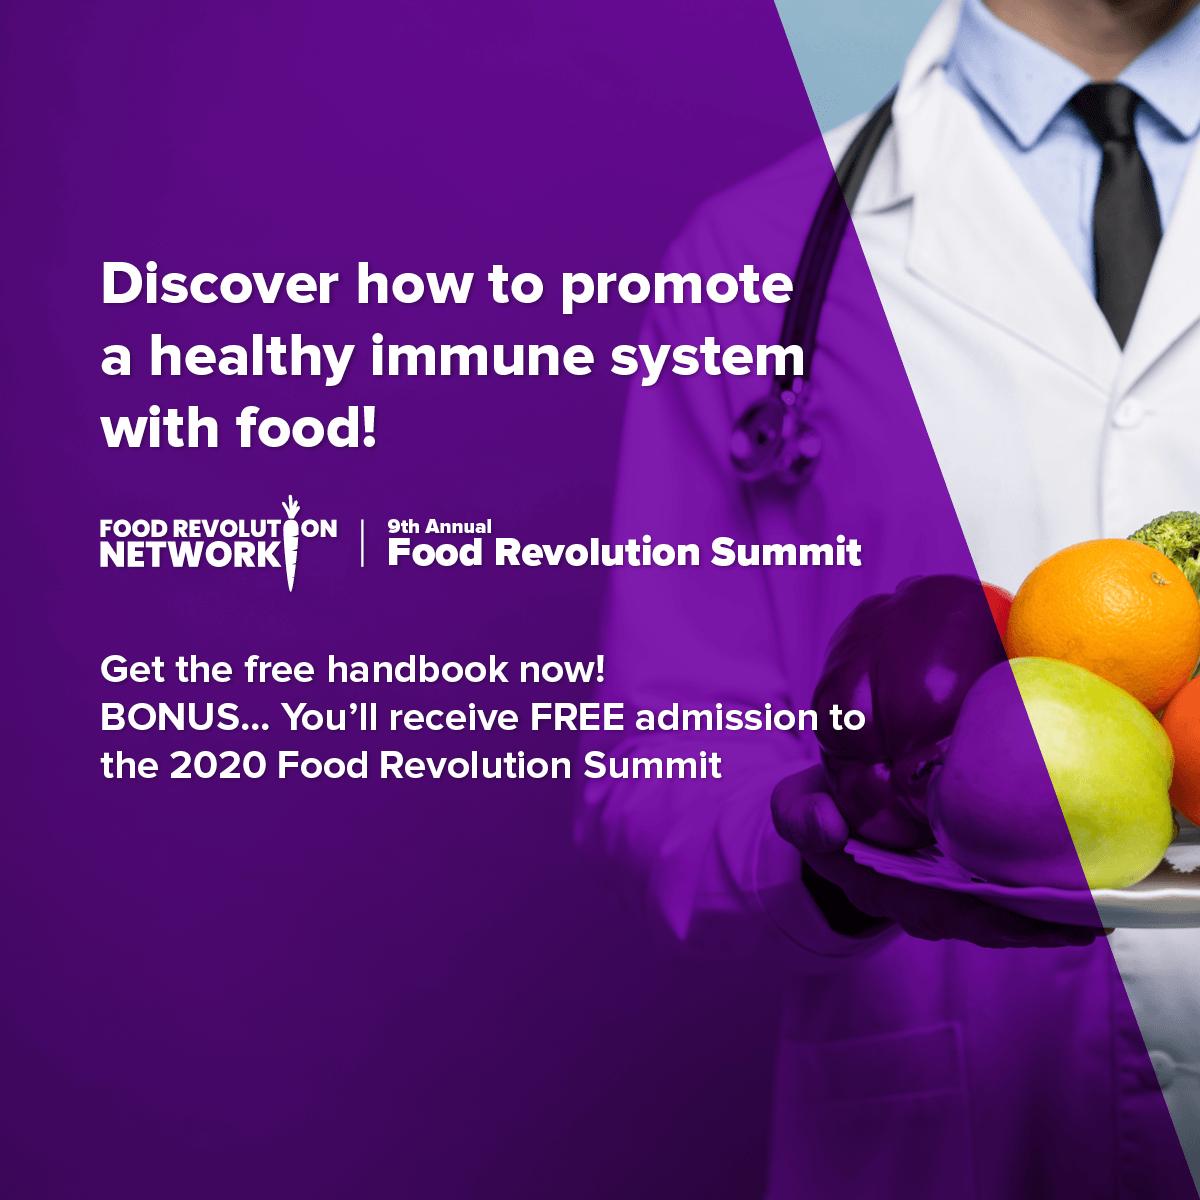 2020 Food Revolution Summit